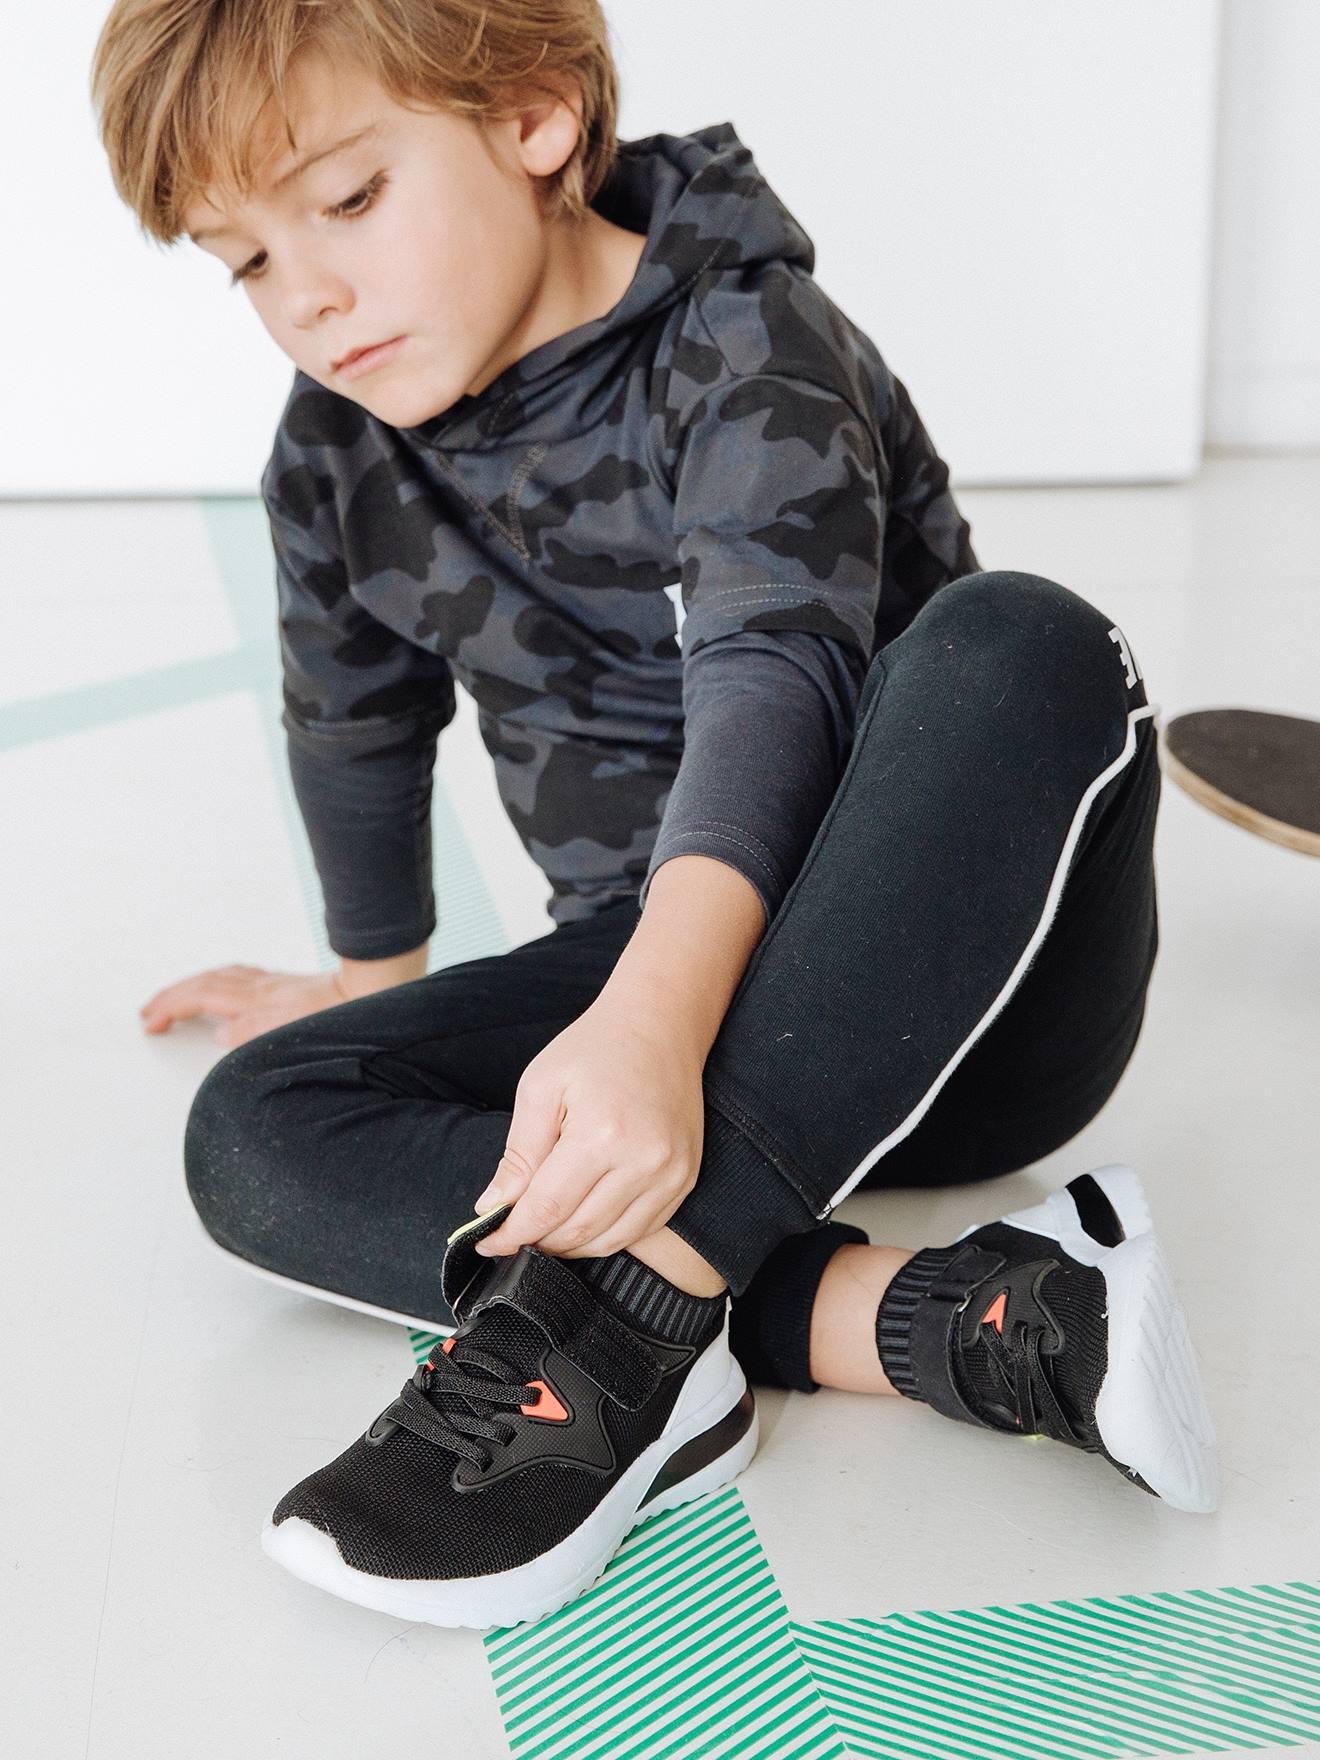 Conjunto Deportivo De Camiseta Y Pantalon Jogger Para Nino Gris Oscuro Estampado Vertbaudet